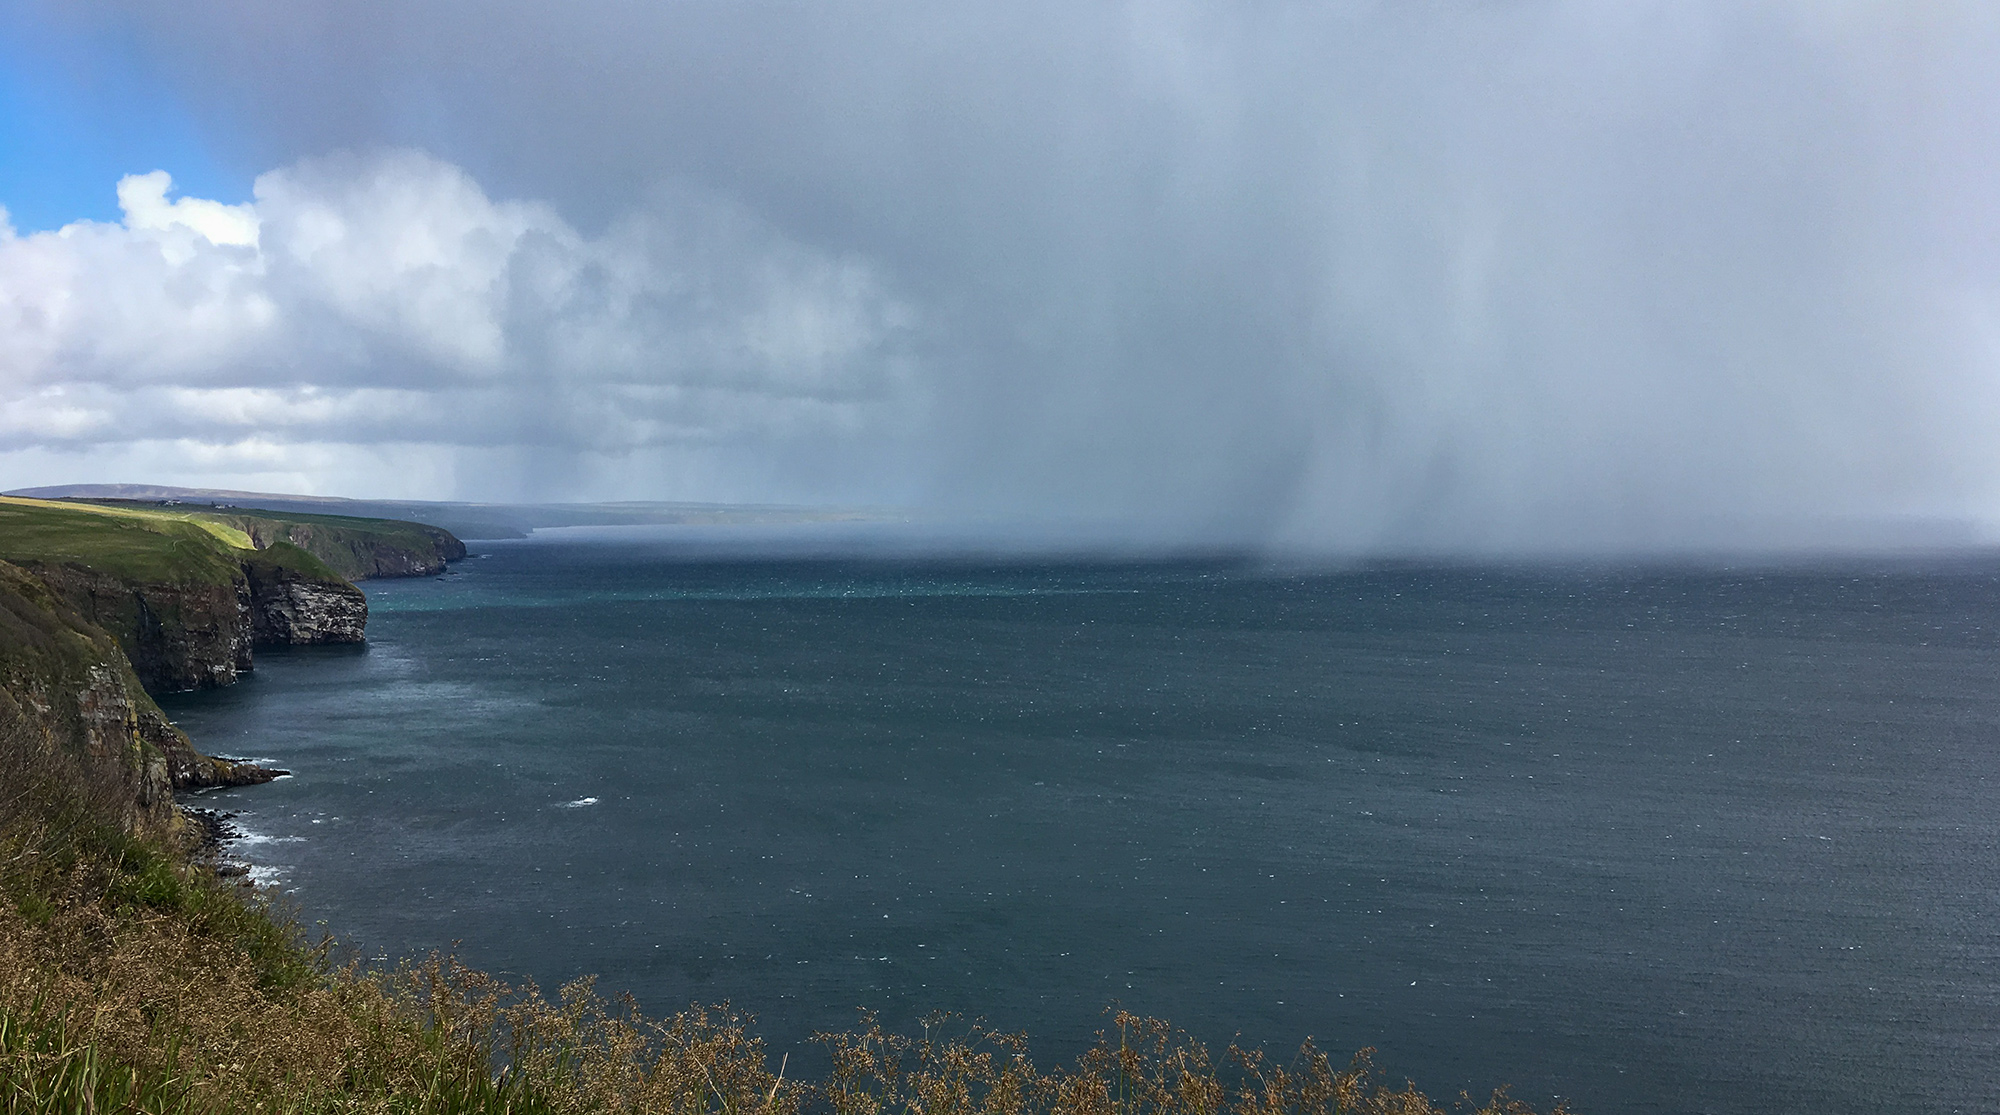 Regenschauer und dunkle Wolken über dem Meer mit Küstenpanorama